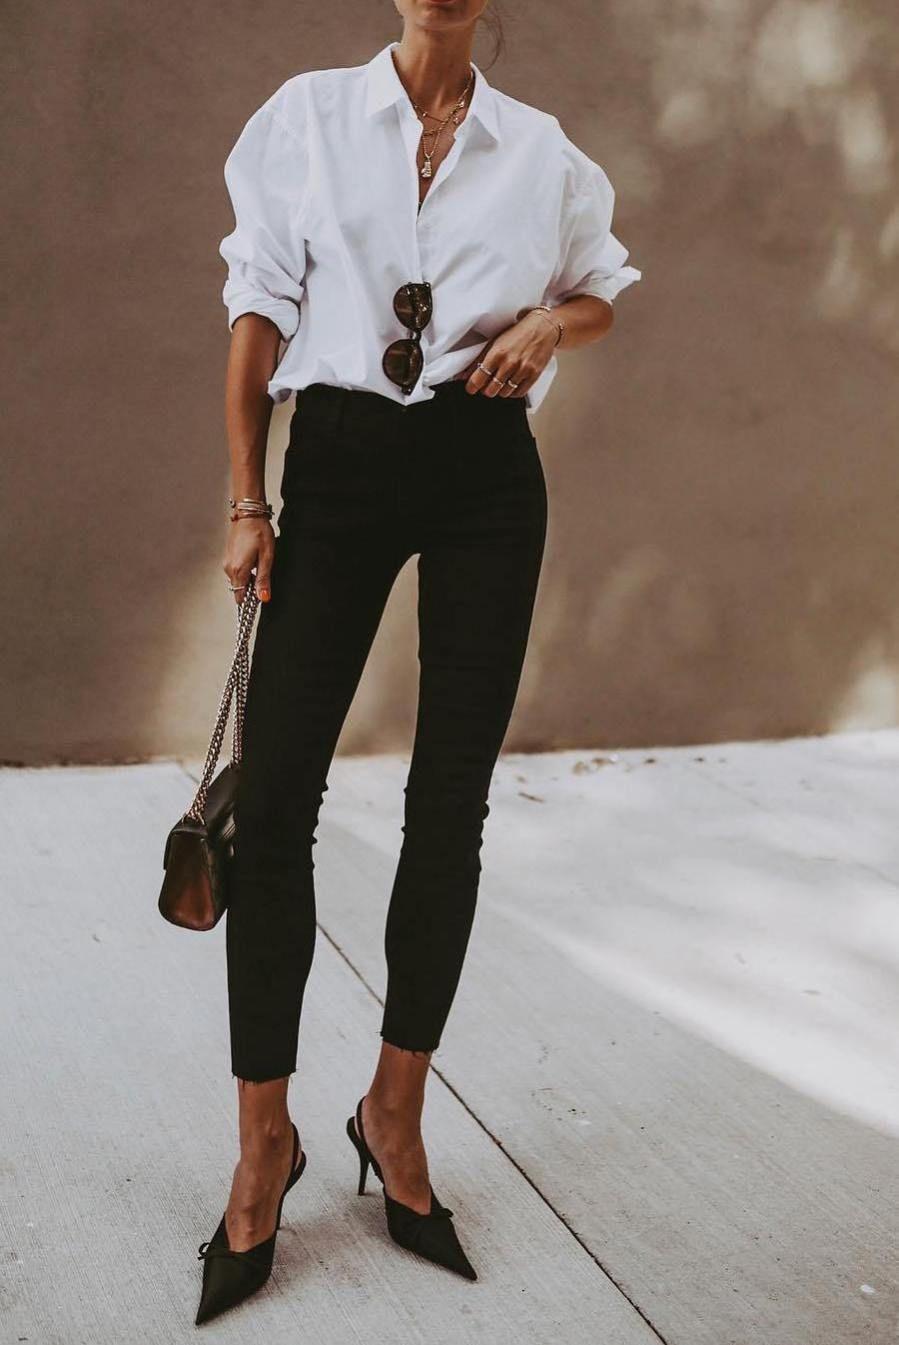 25+ Ways To Style A Button Down Shirt – M | Kläder, Vita